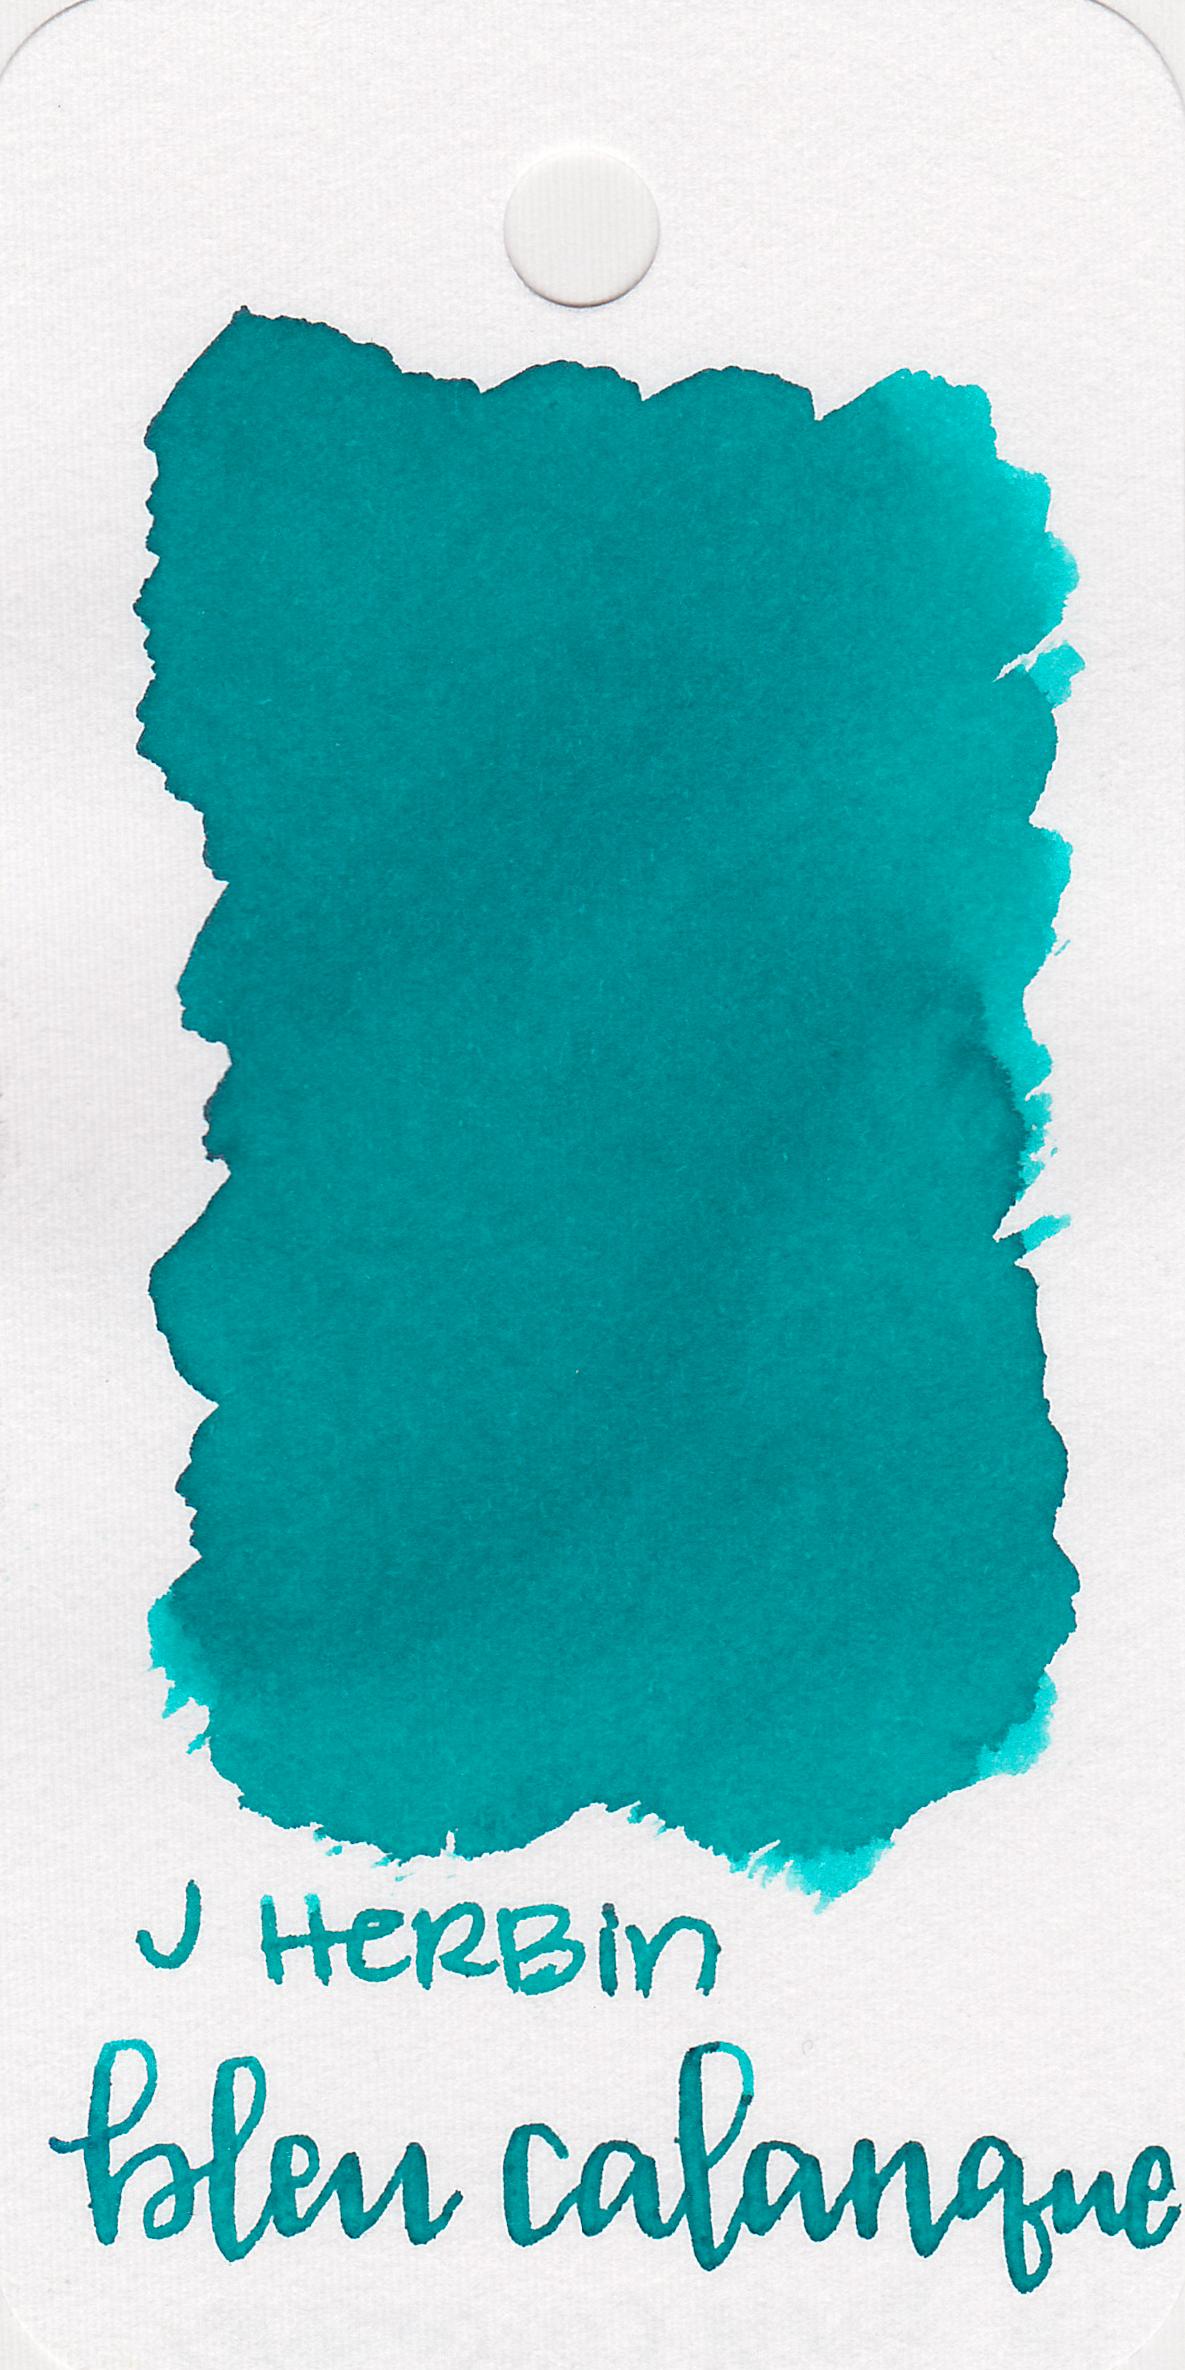 jh-bleu-calanque-1.jpg